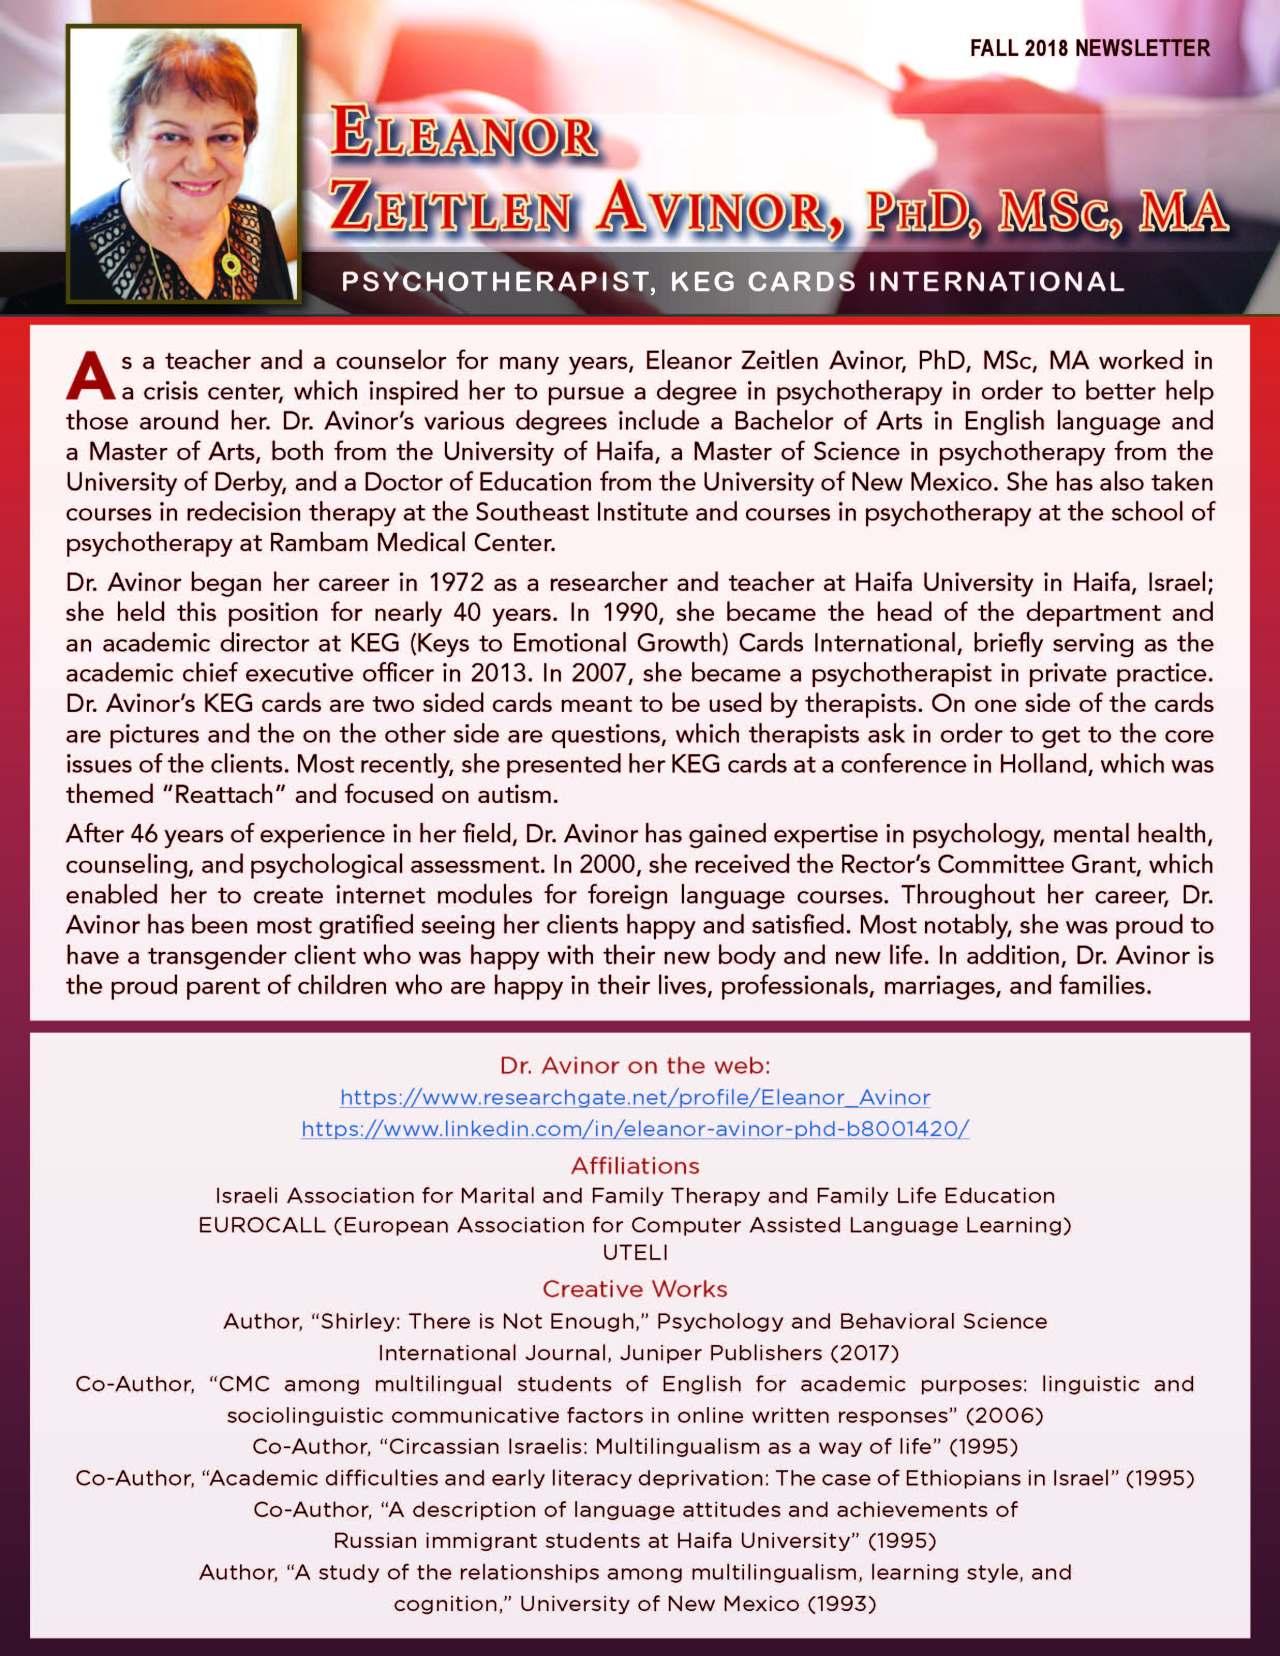 Avinor, Eleanor 2870227_30172521 Newsletter.jpg